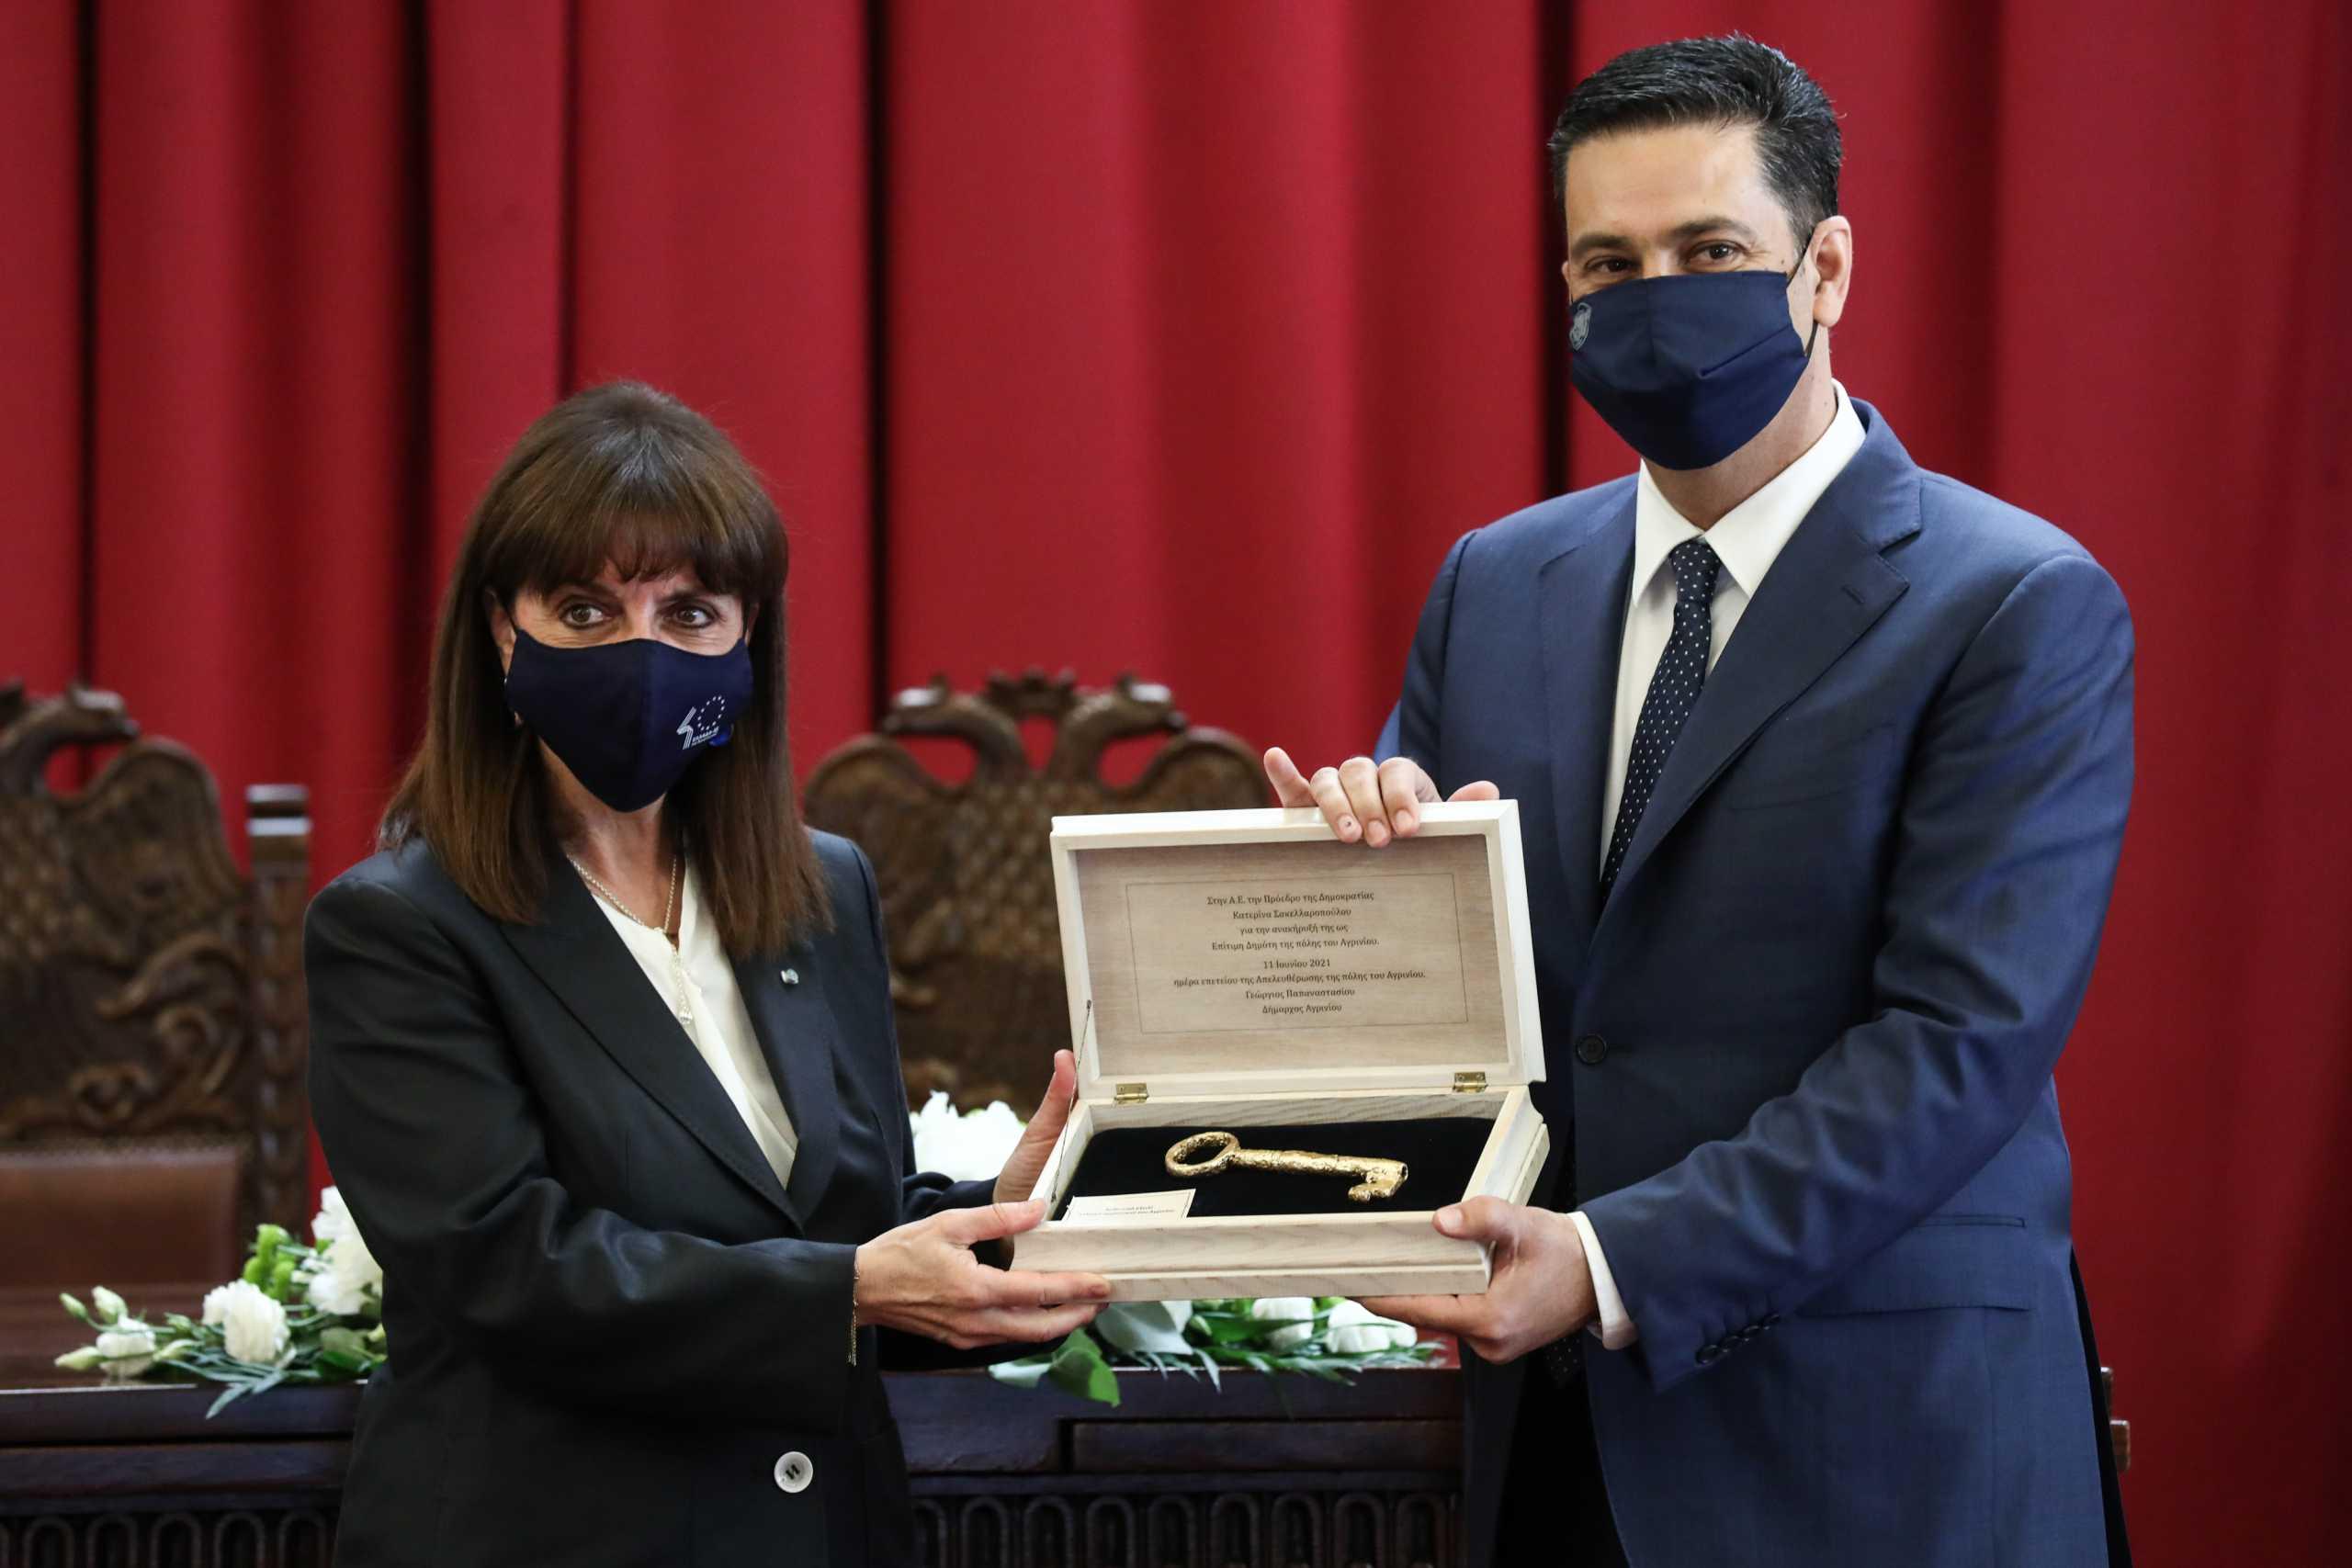 Σακελλαροπούλου: Της επιδόθηκε το χρυσό κλειδί της πόλης του Αγρινίου